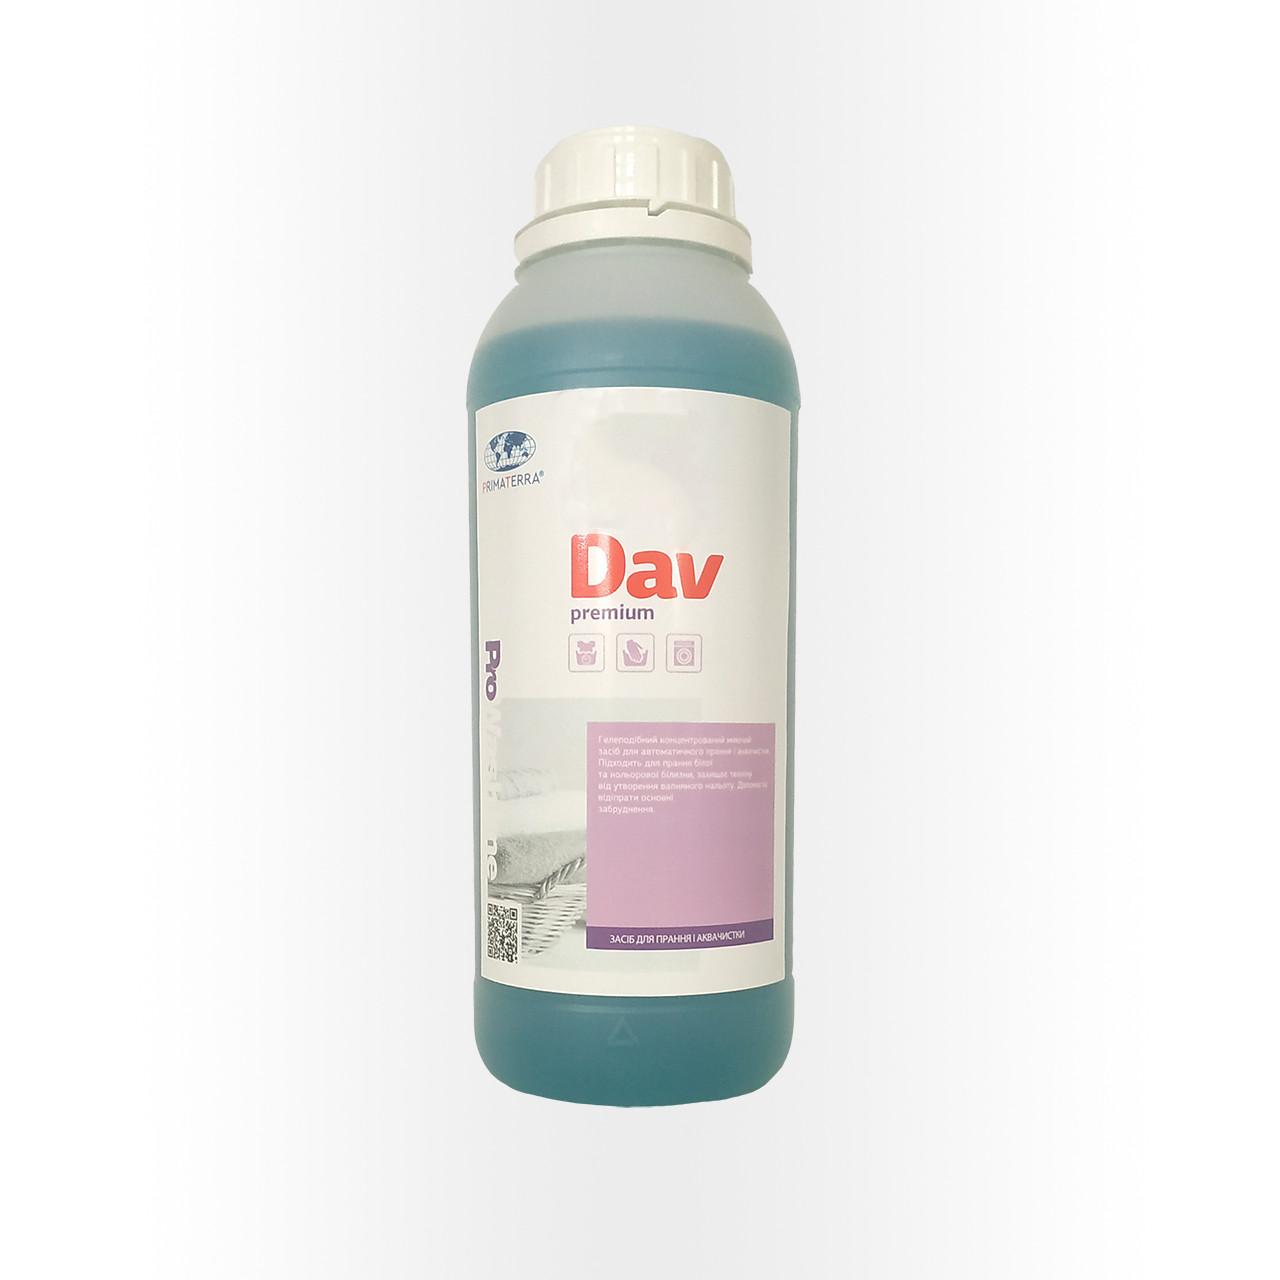 Гель концентрат для стирки Dav Premium (1,1кг)